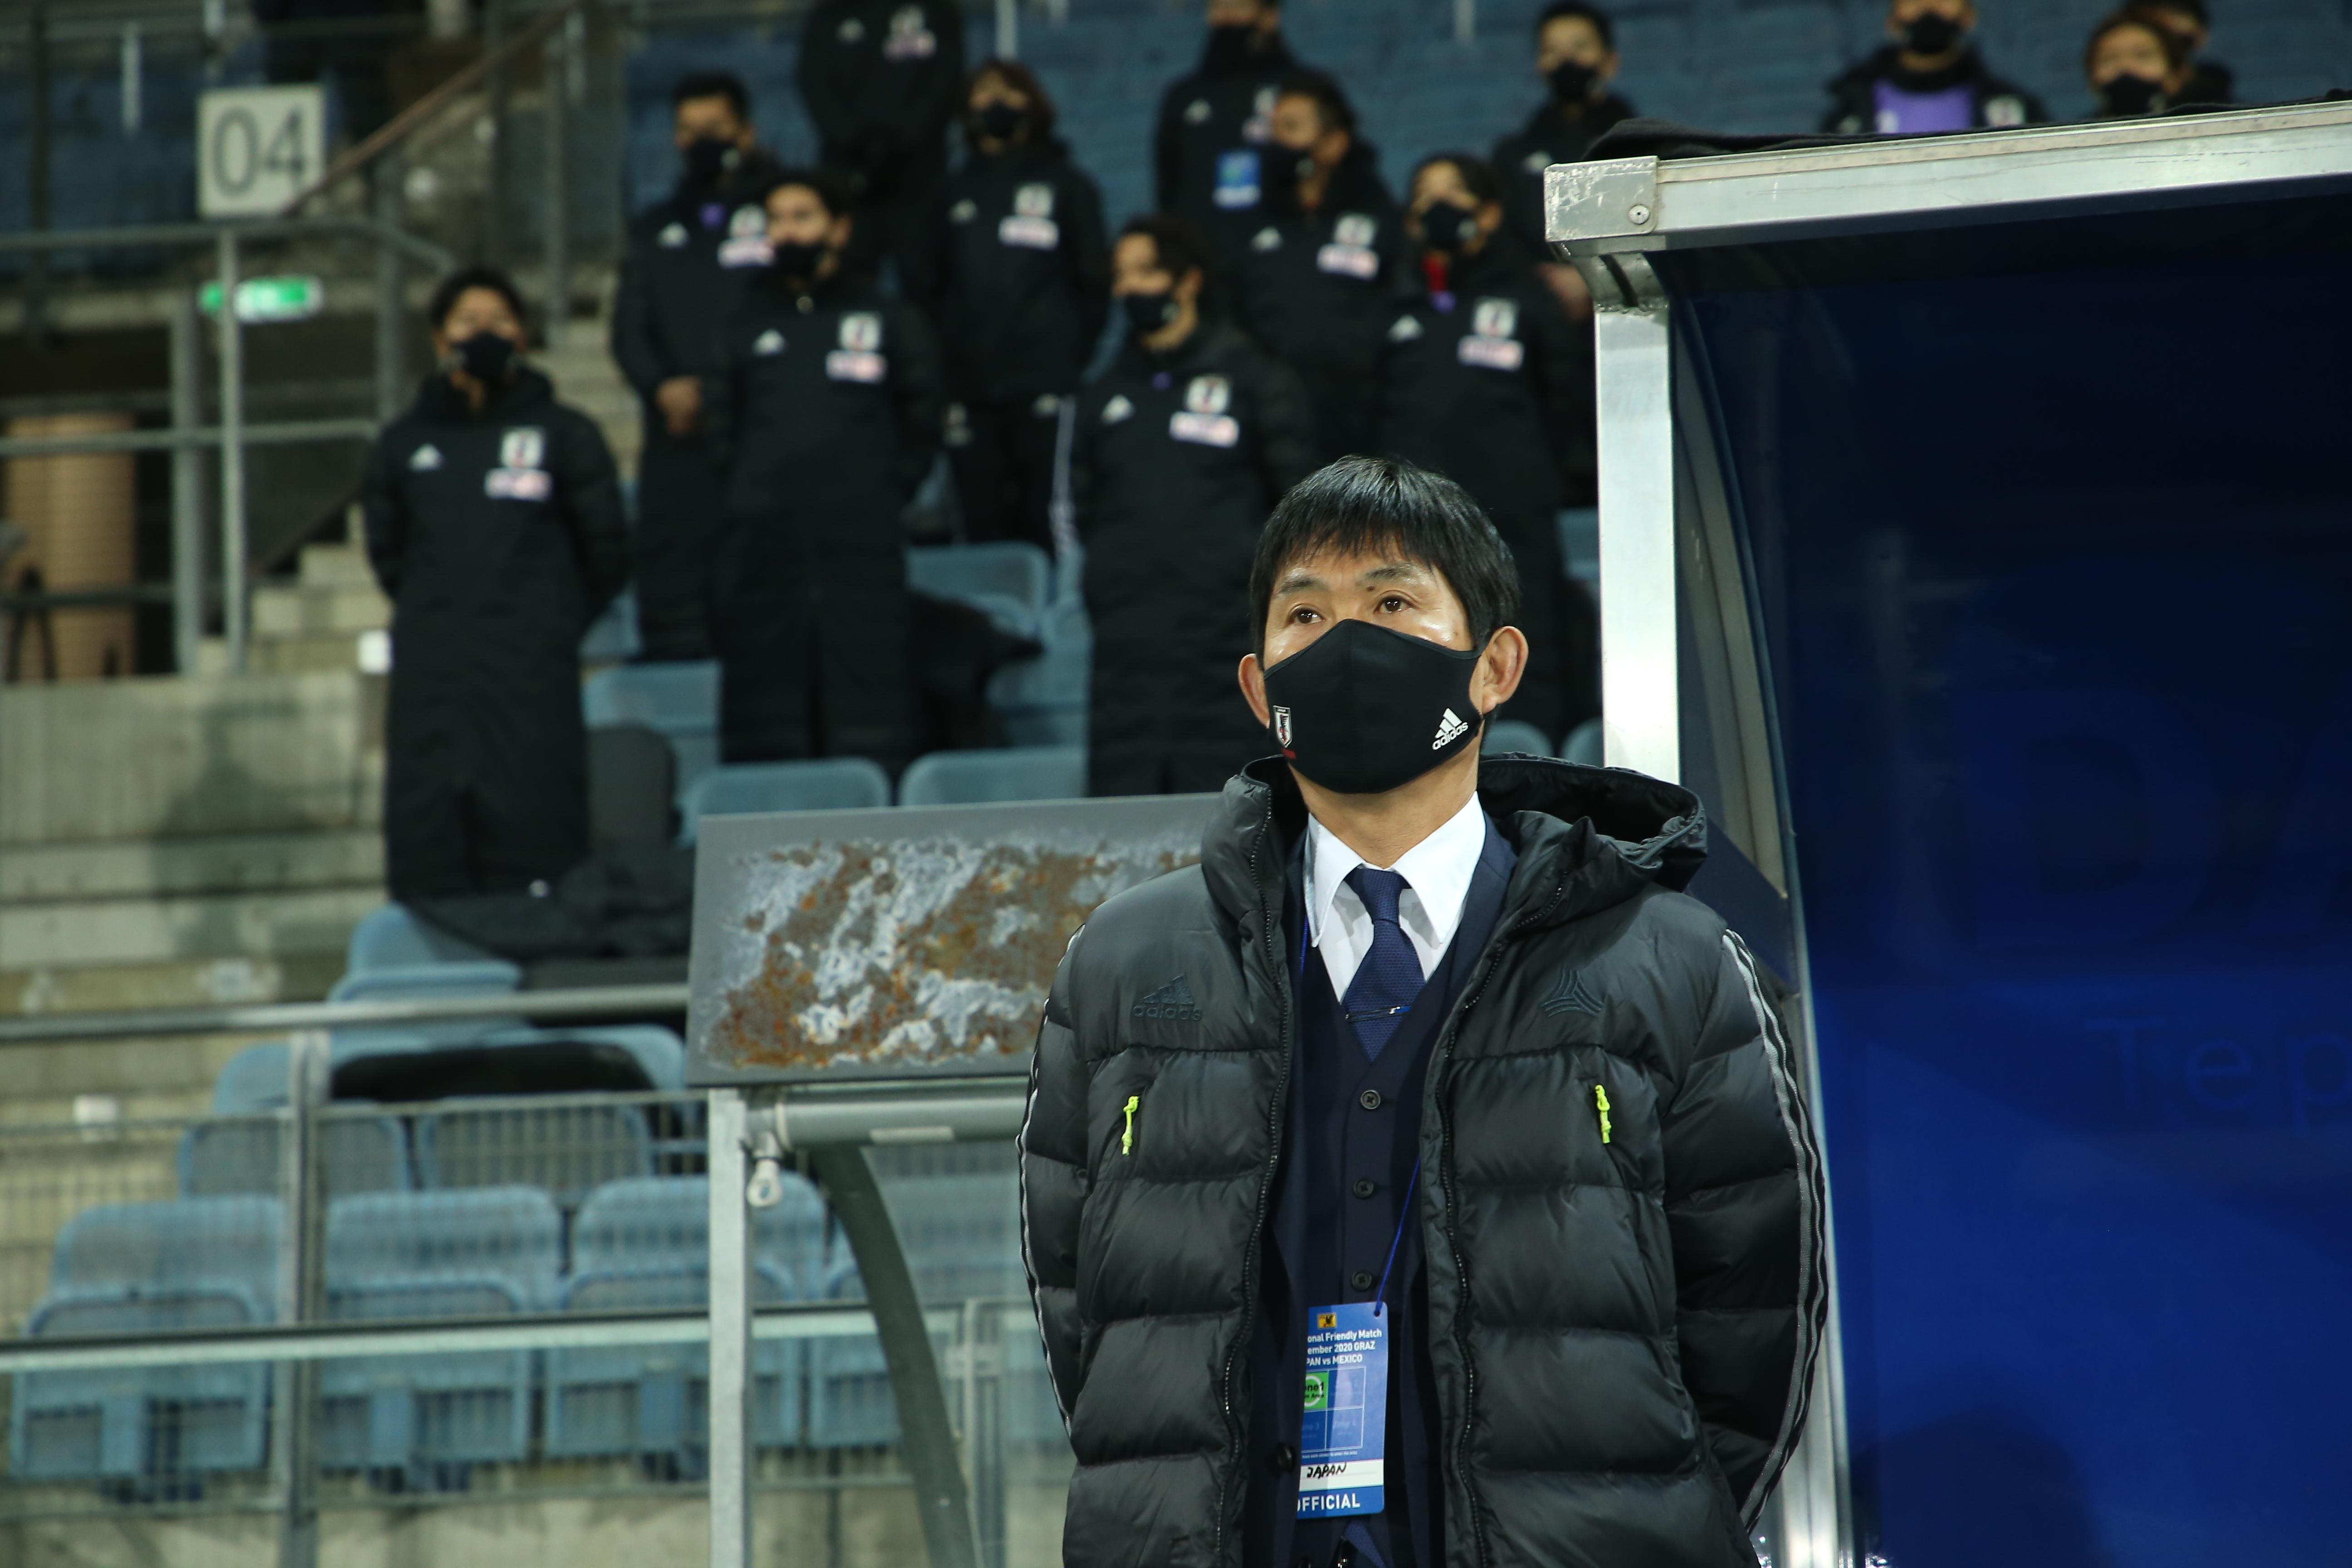 サッカー日本代表 森保監督「我慢するよ」メキシコ戦でみた監督采配の物足りなさ